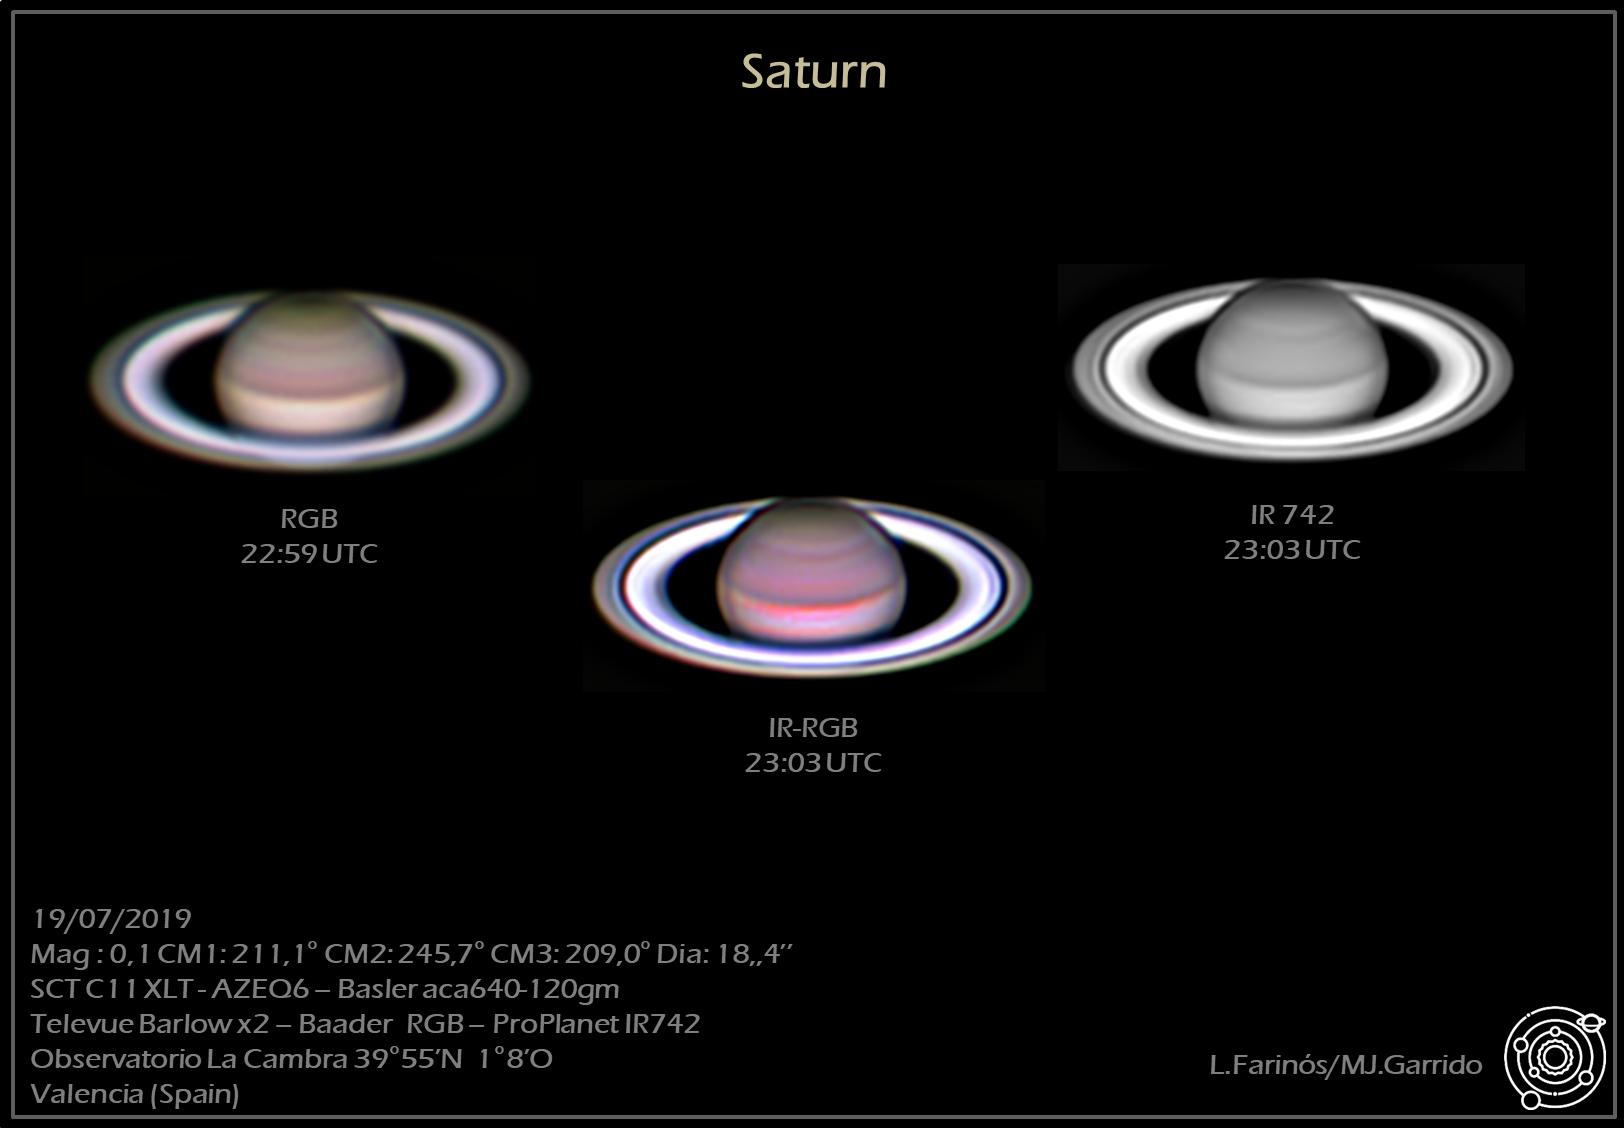 Astrofotografía Saturno 2019 AstroEmocionate